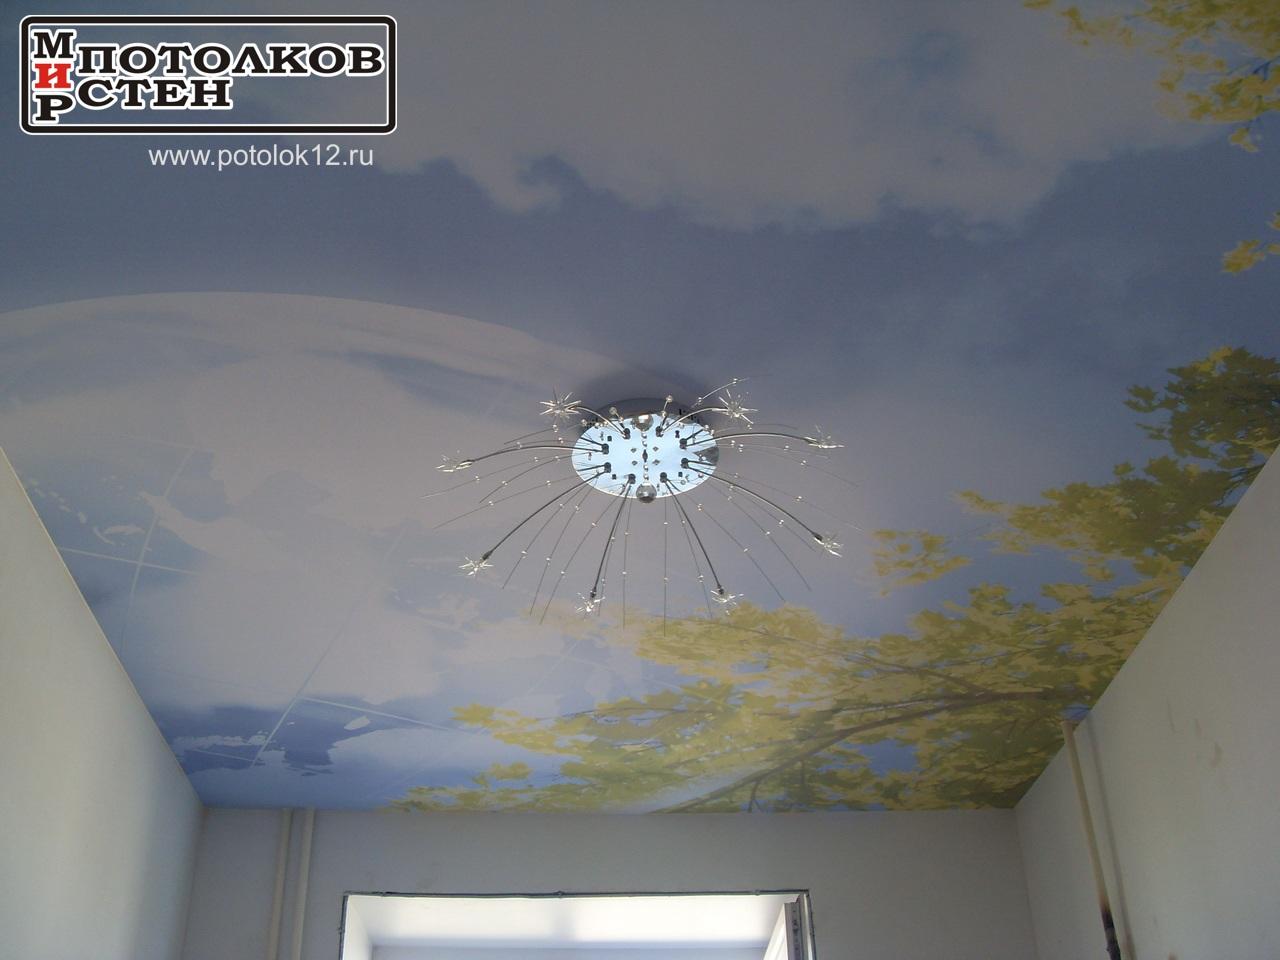 Потолок Йошкар-Ола, фотопечать неба с листьями